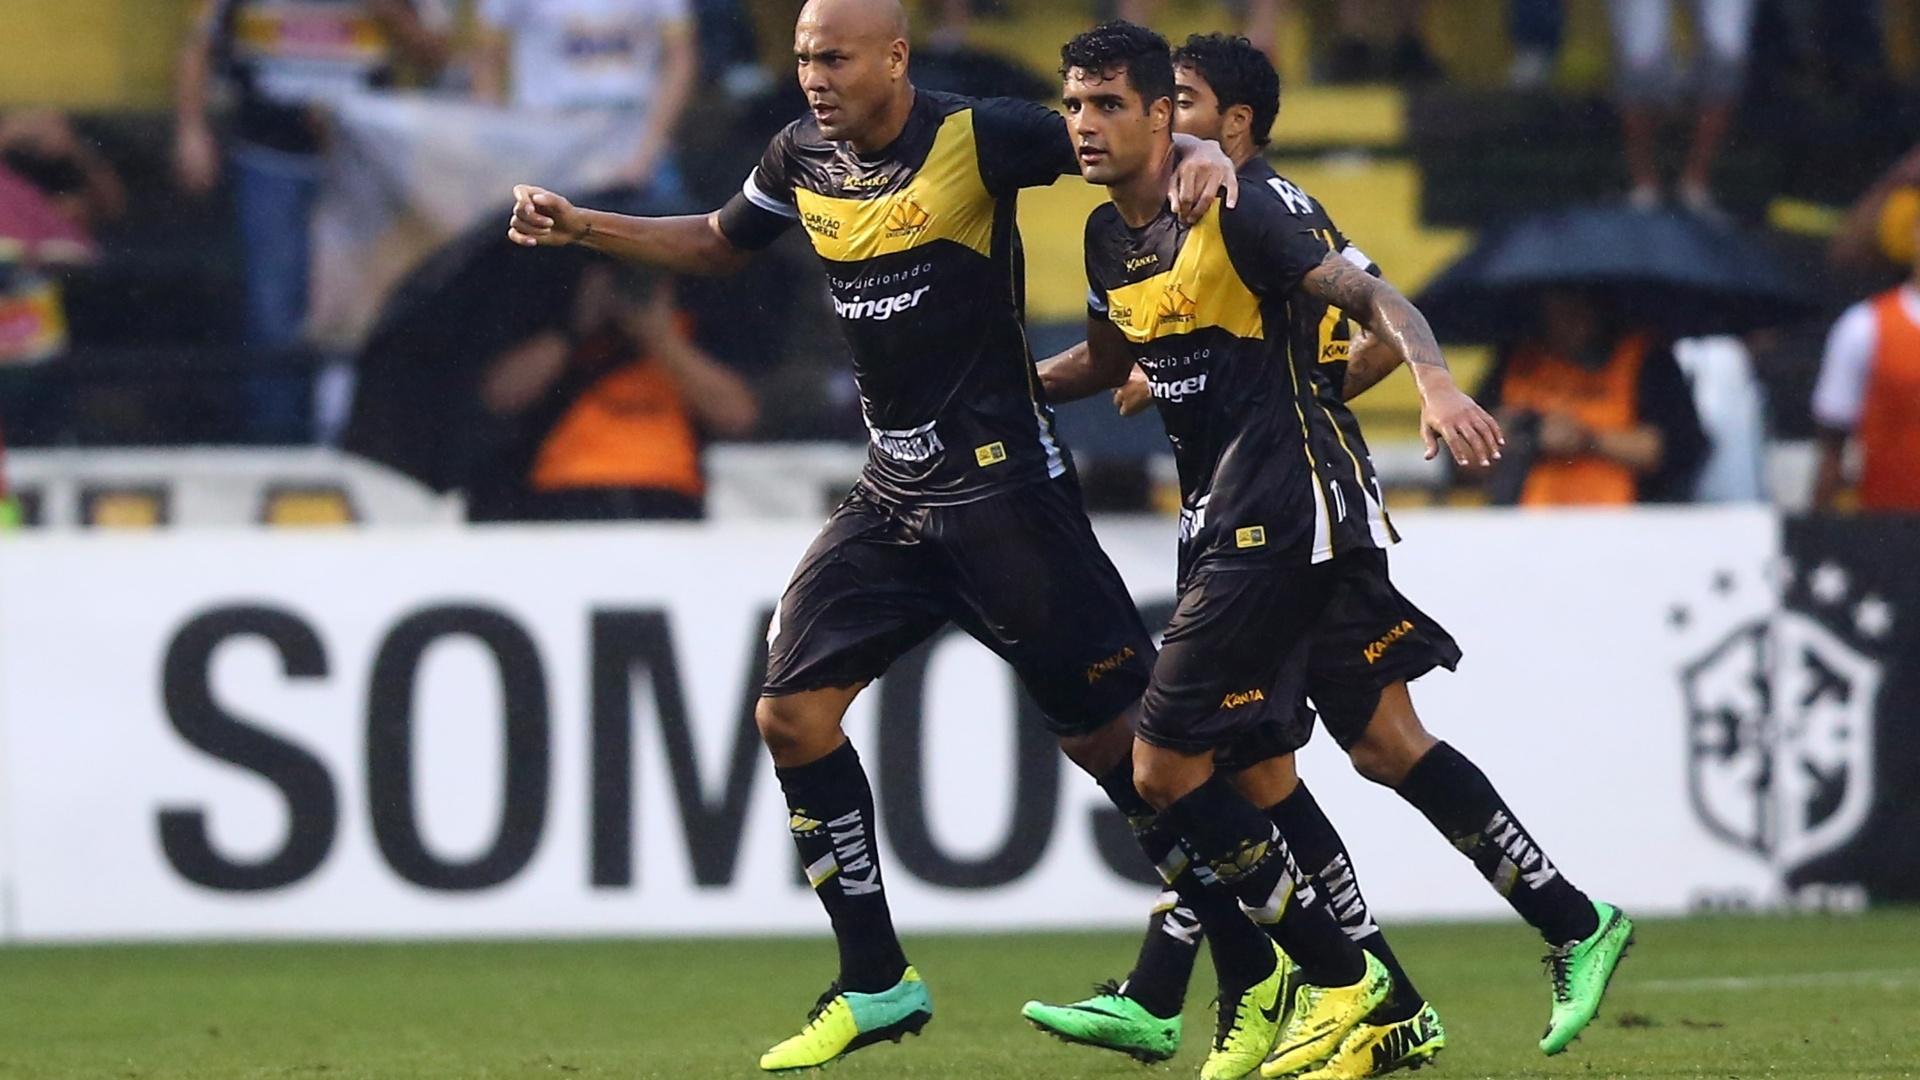 Souza comemora gol do Criciúma contra o São Paulo pelo Campeonato Brasileiro